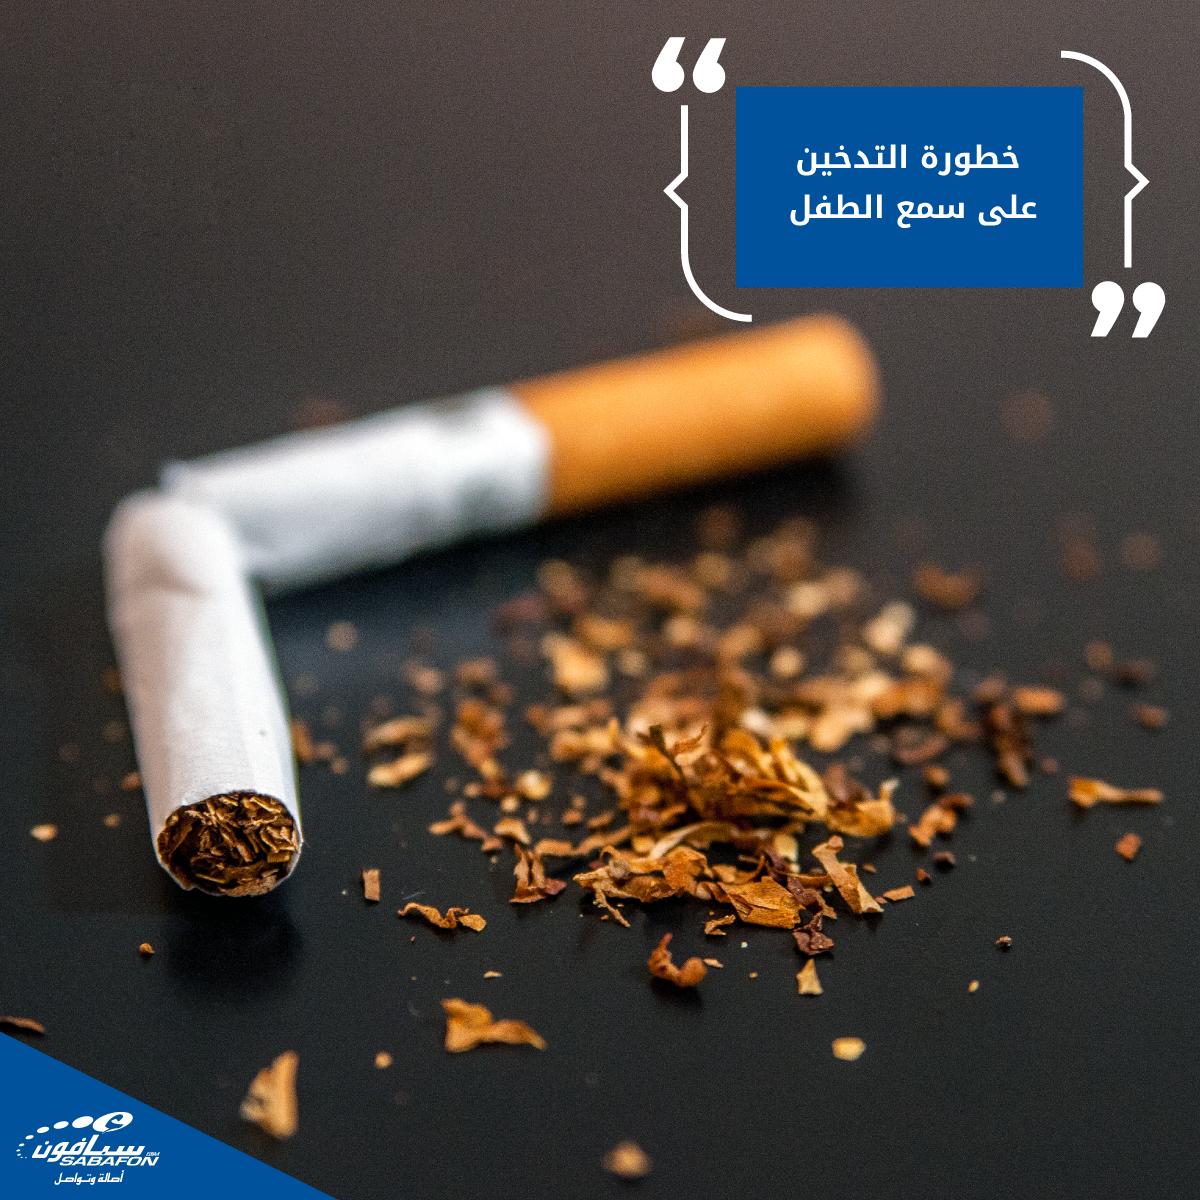 خطورة التدخين على حاسة السمع عند الطفل و أذنيه وبالذات الاذن الوسطى حيث خلصت دراسة تم إجراؤها على عدد من المراهقين الذين لا ي Cinnamon Sticks Spices Condiments